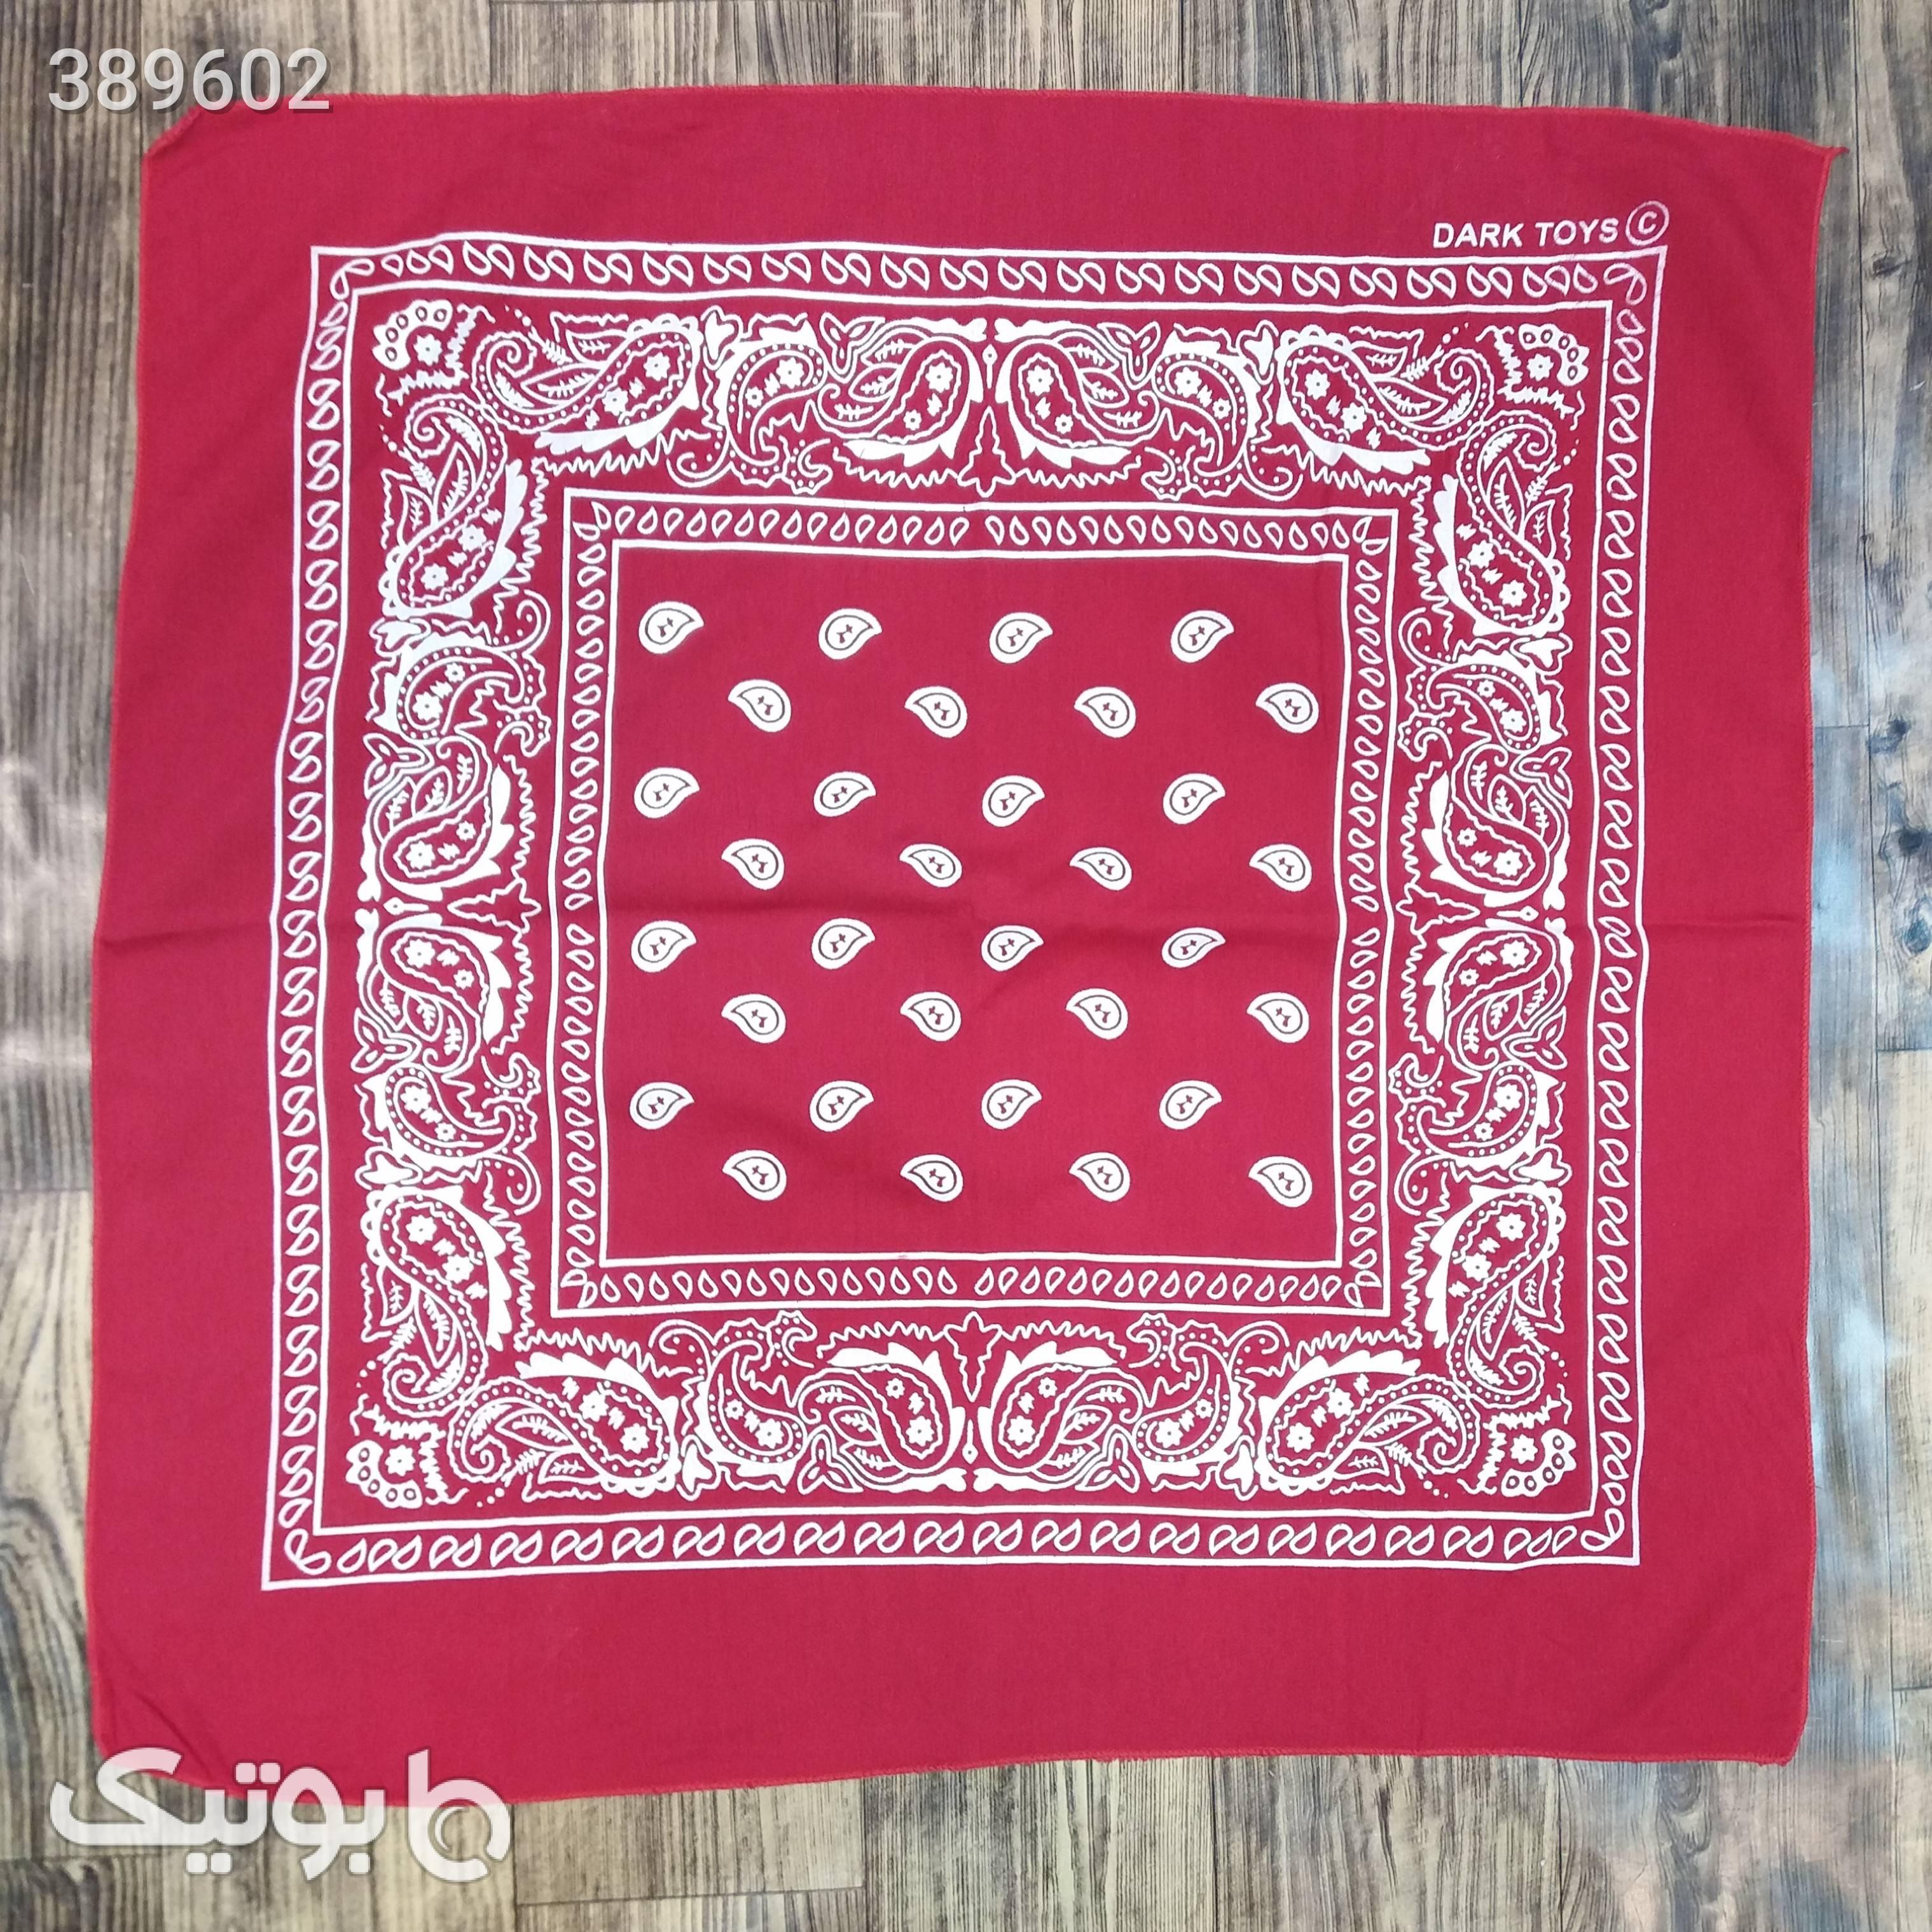 باندانا (دستمال سر و گردن) قرمز کلاه و اسکارف